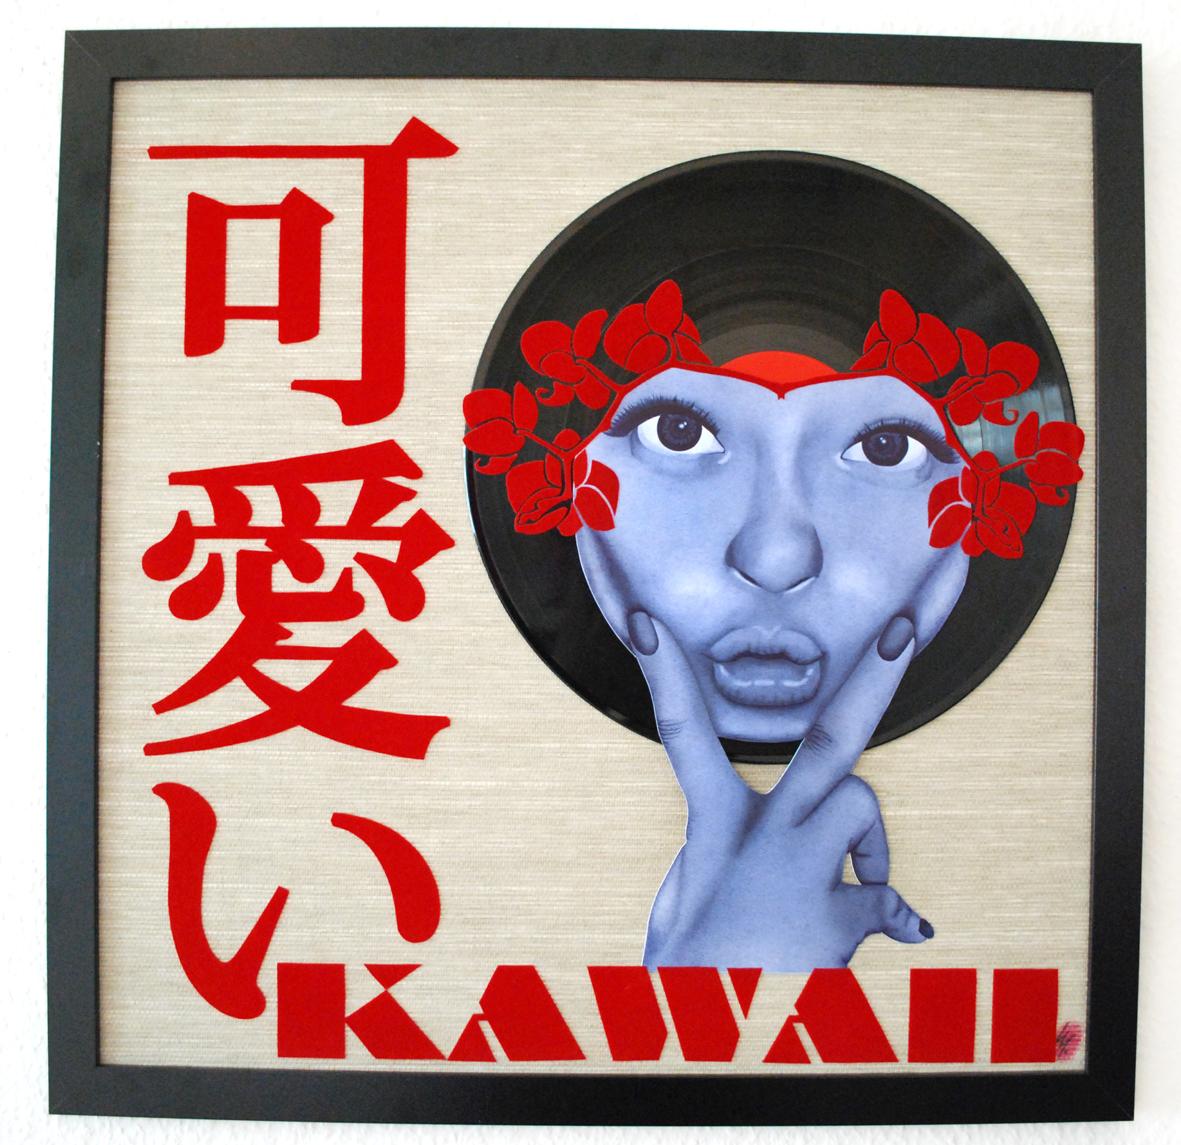 KAWAII (ORGINAL)